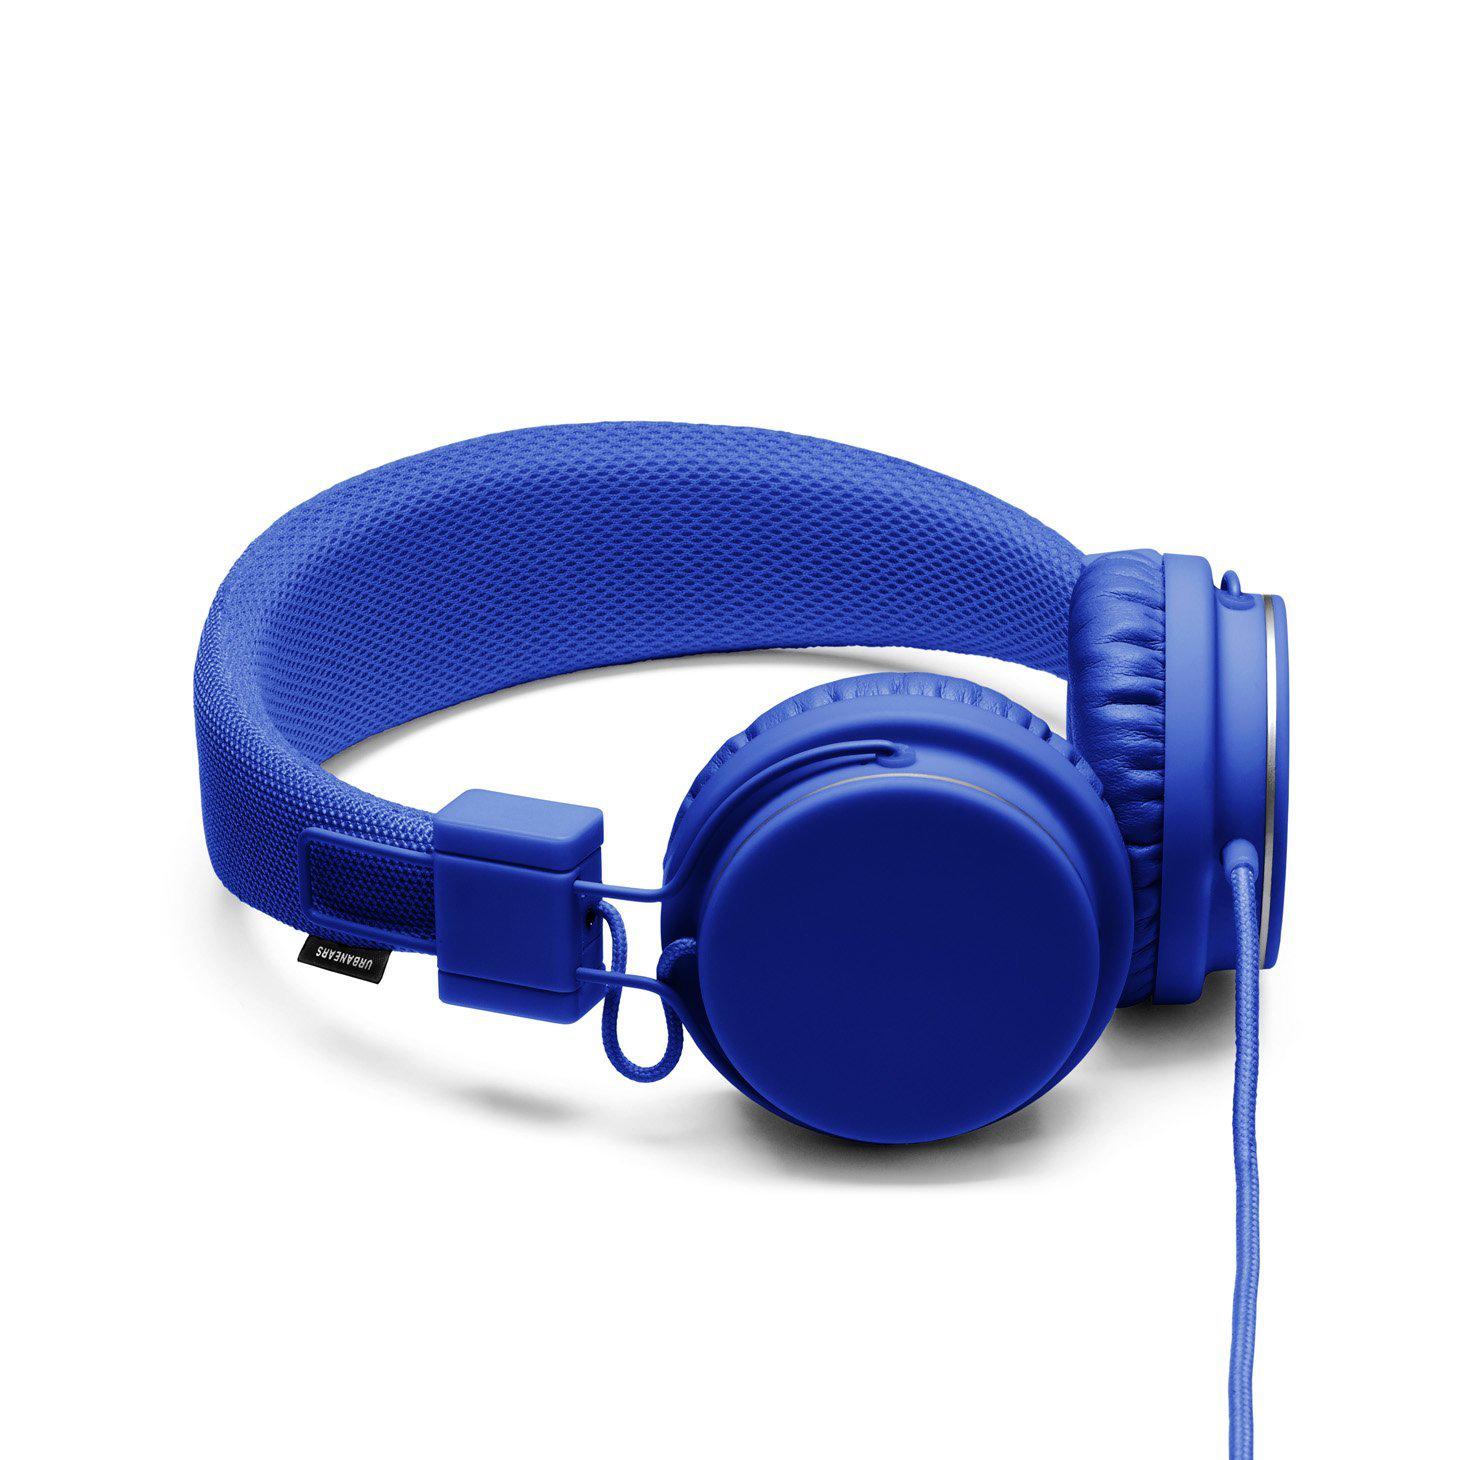 Casque Urban ears bleu